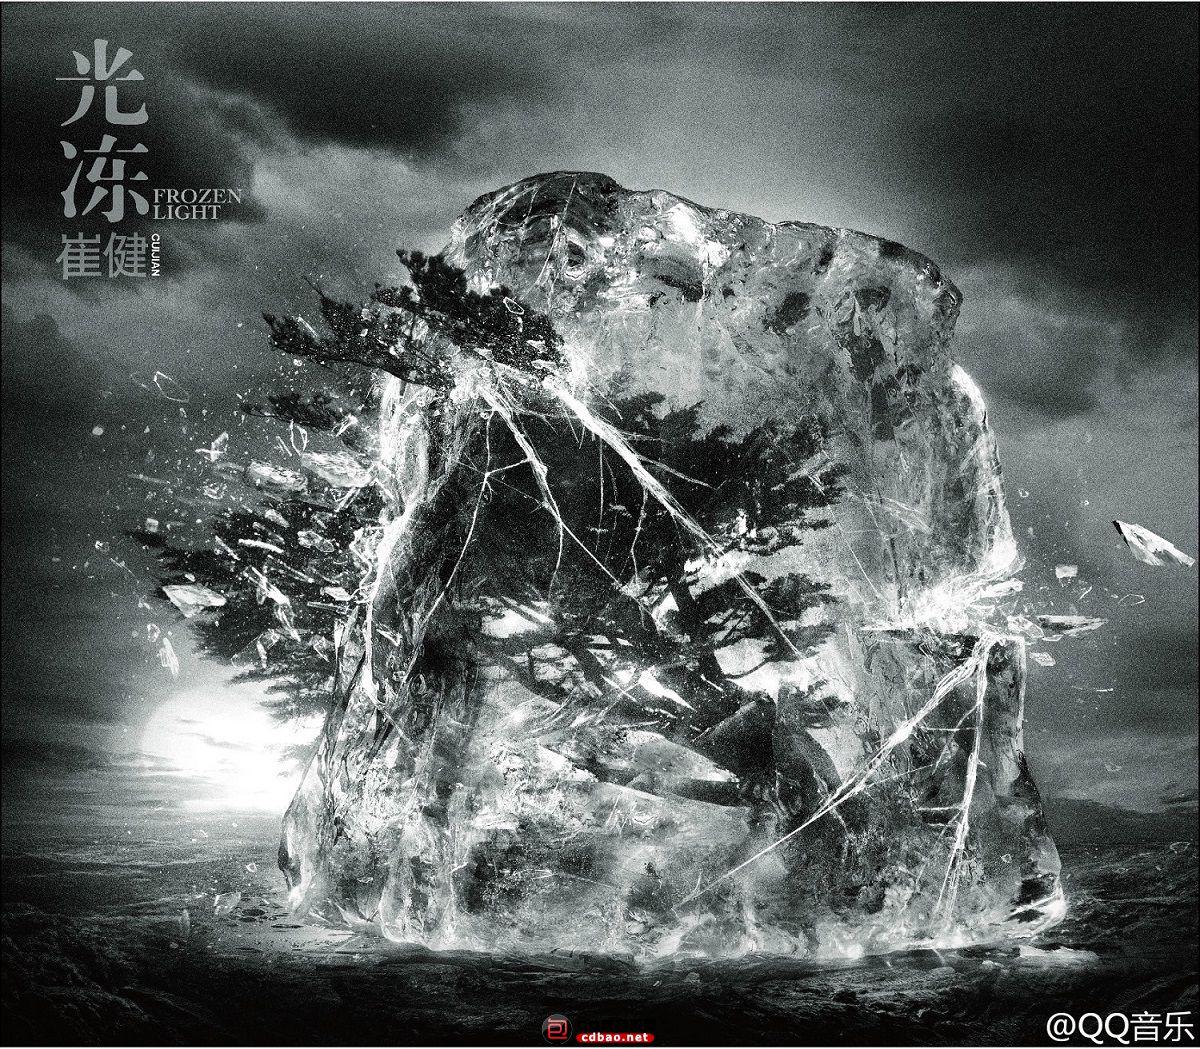 崔健专辑《光冻》封面.jpg